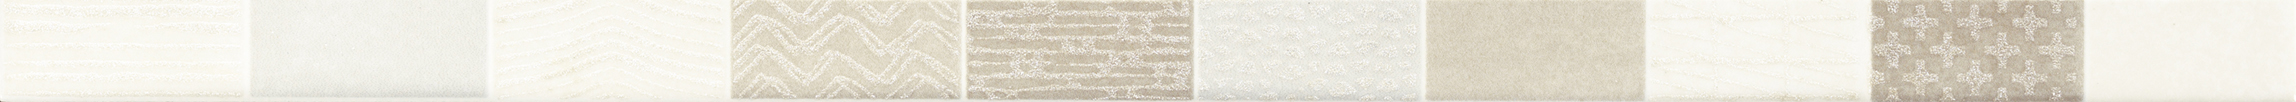 Listello strutturato new LUX 2,5x50